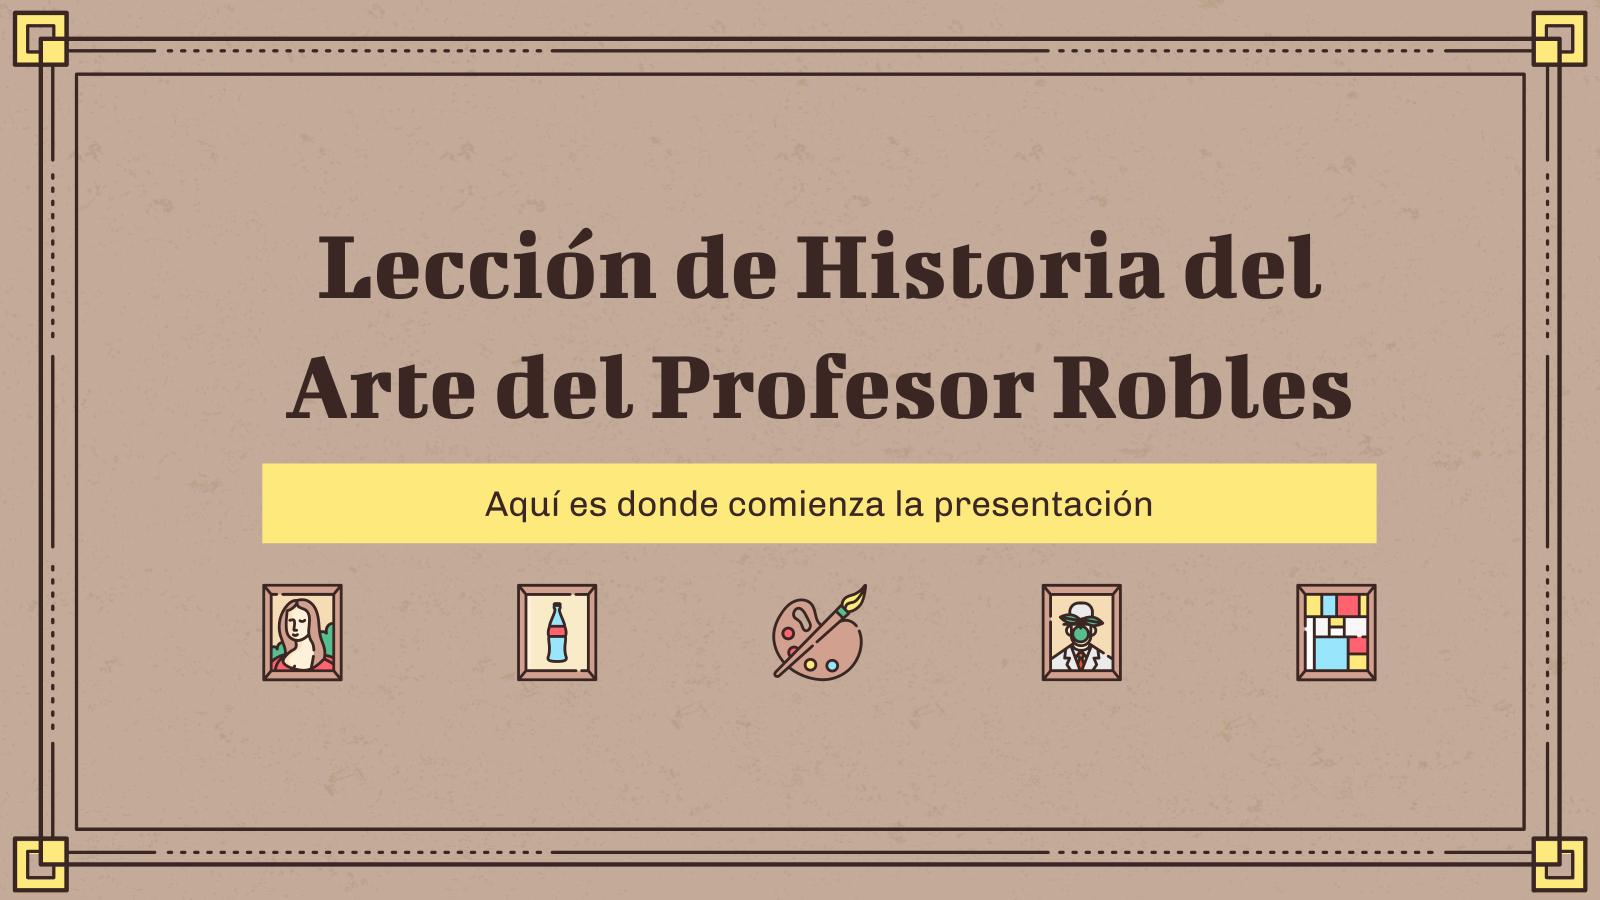 Modelo de apresentação Lección Historia de Arte del Profesor Robles